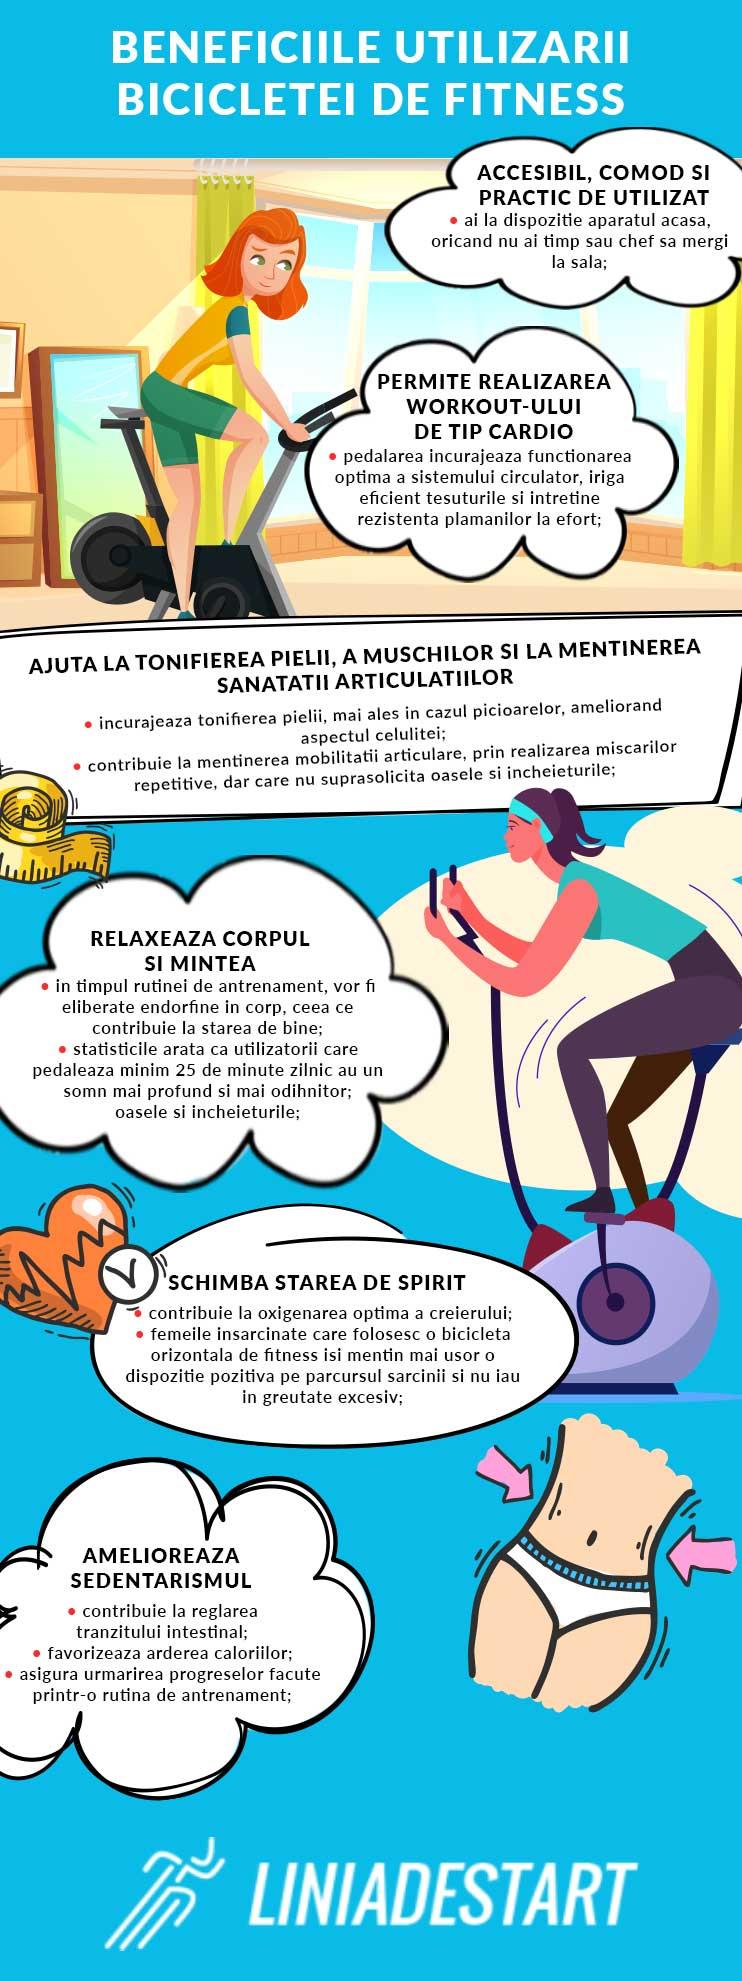 Beneficiile utilizarii bicicletei de fitness - LiniaDeStart.ro